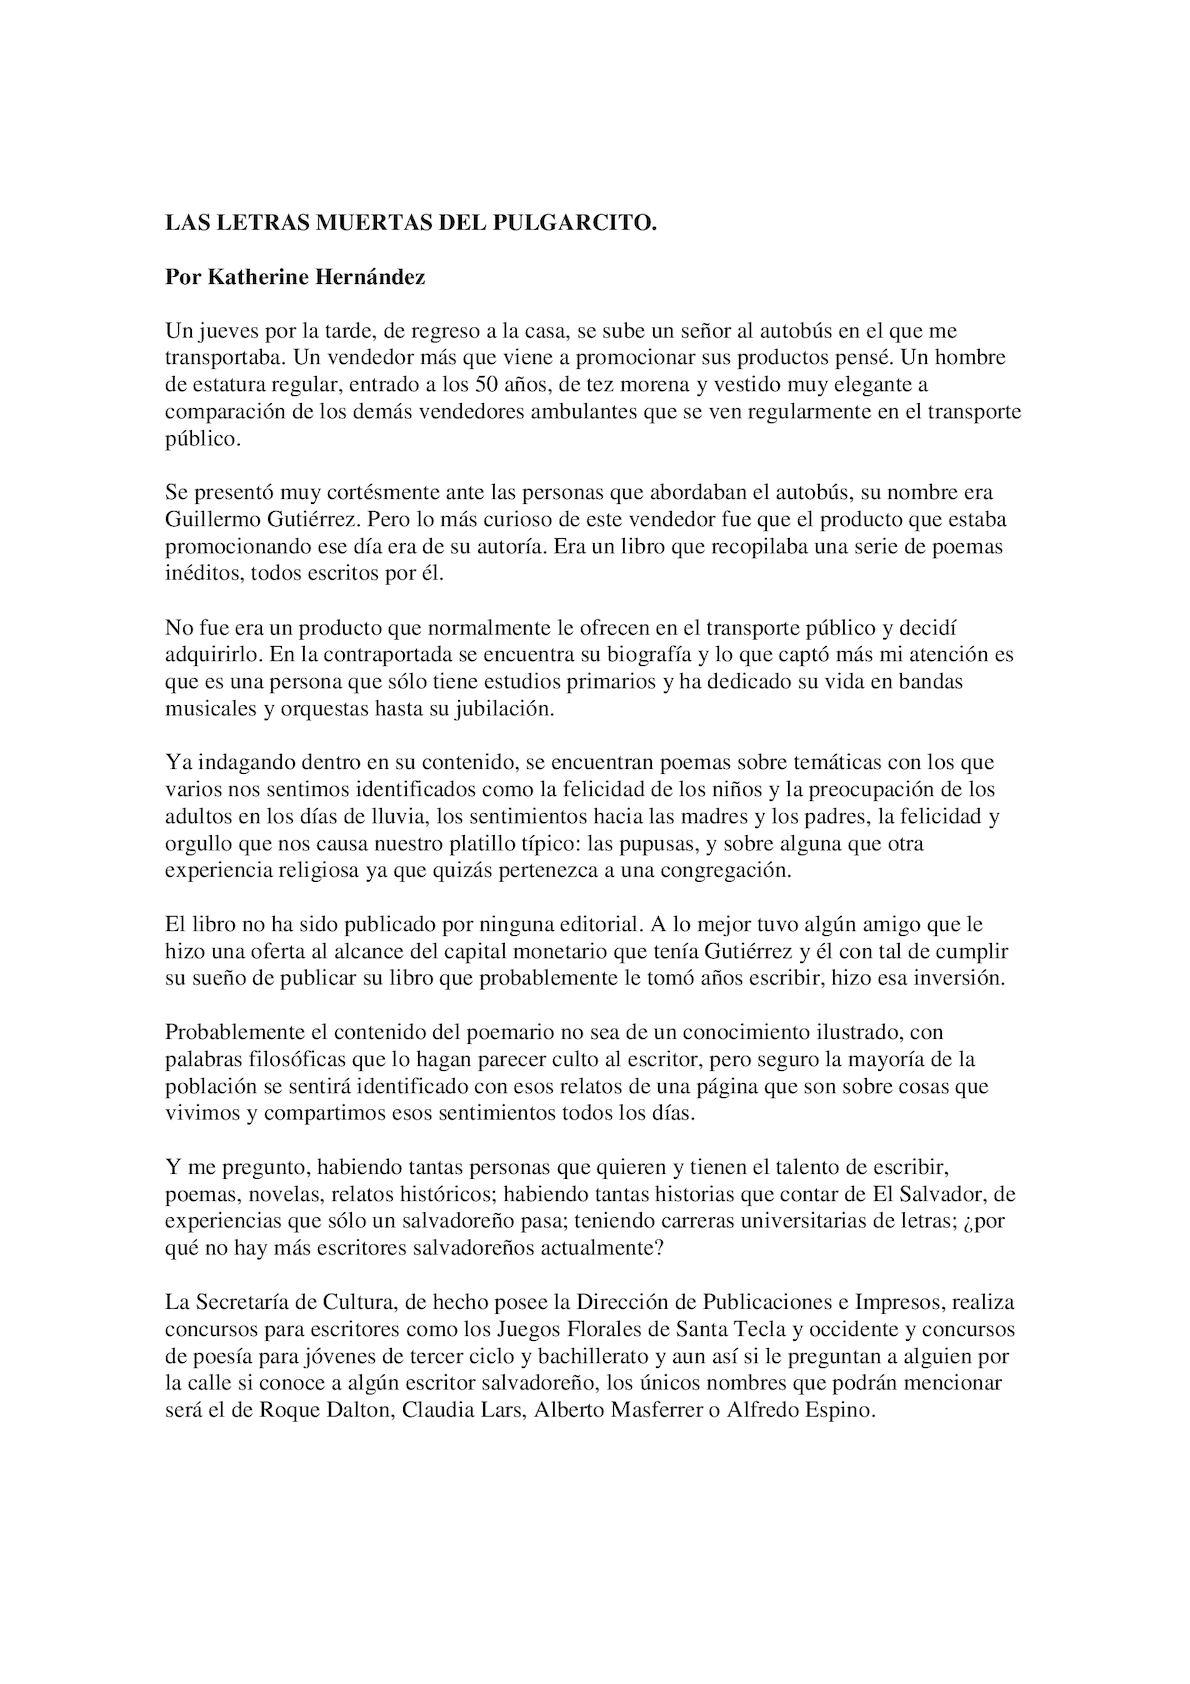 Calaméo Artículo De Opinión Las Letras Muertas Del Pulgarcito